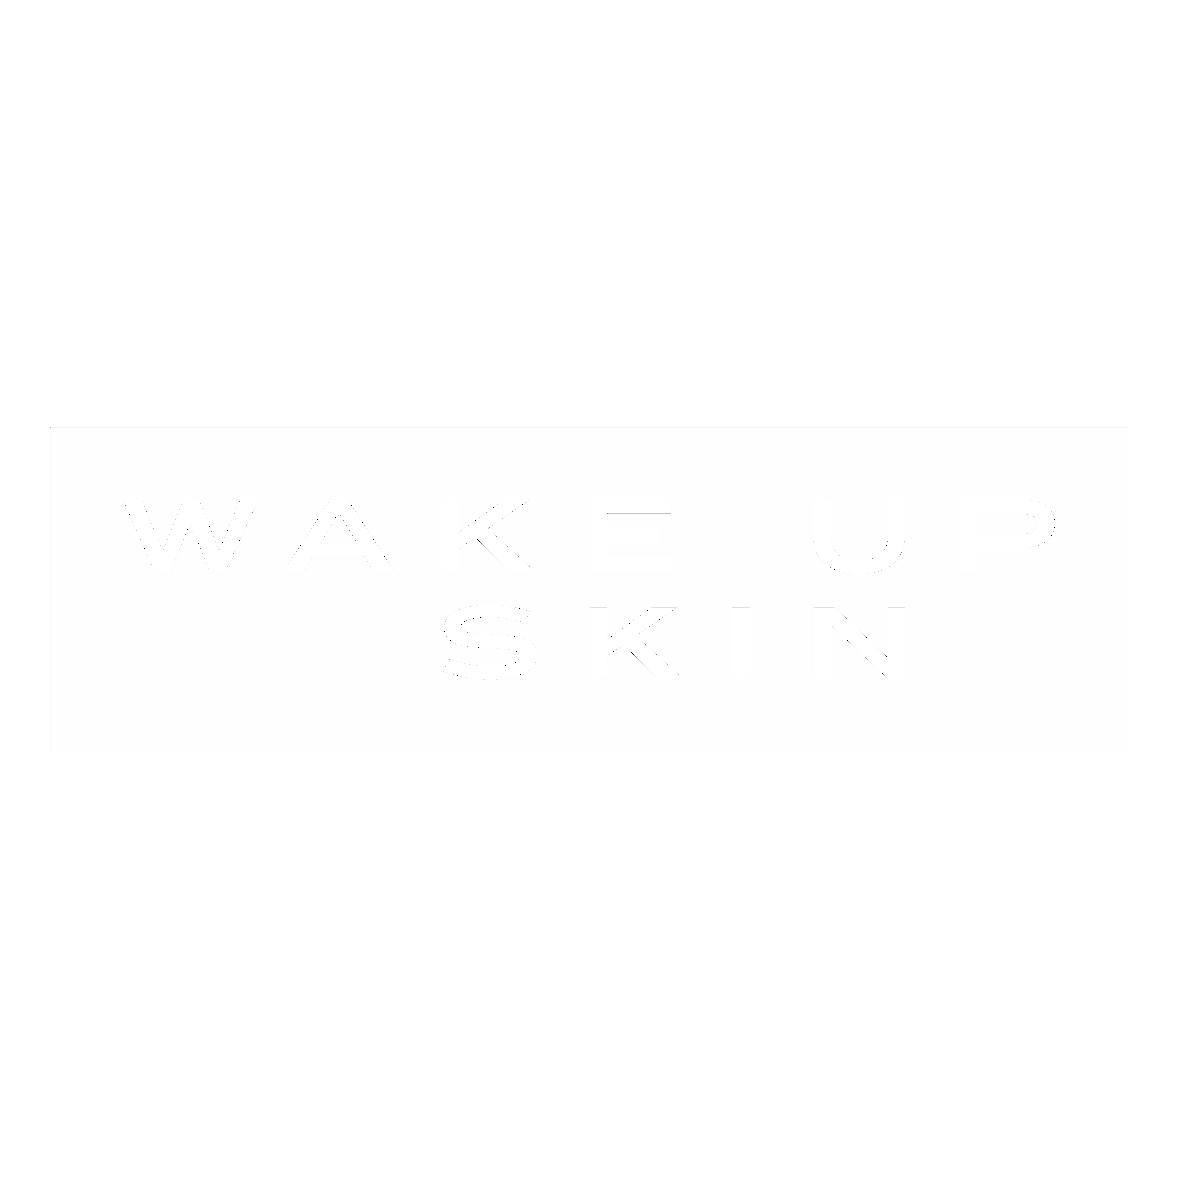 wakeup.png